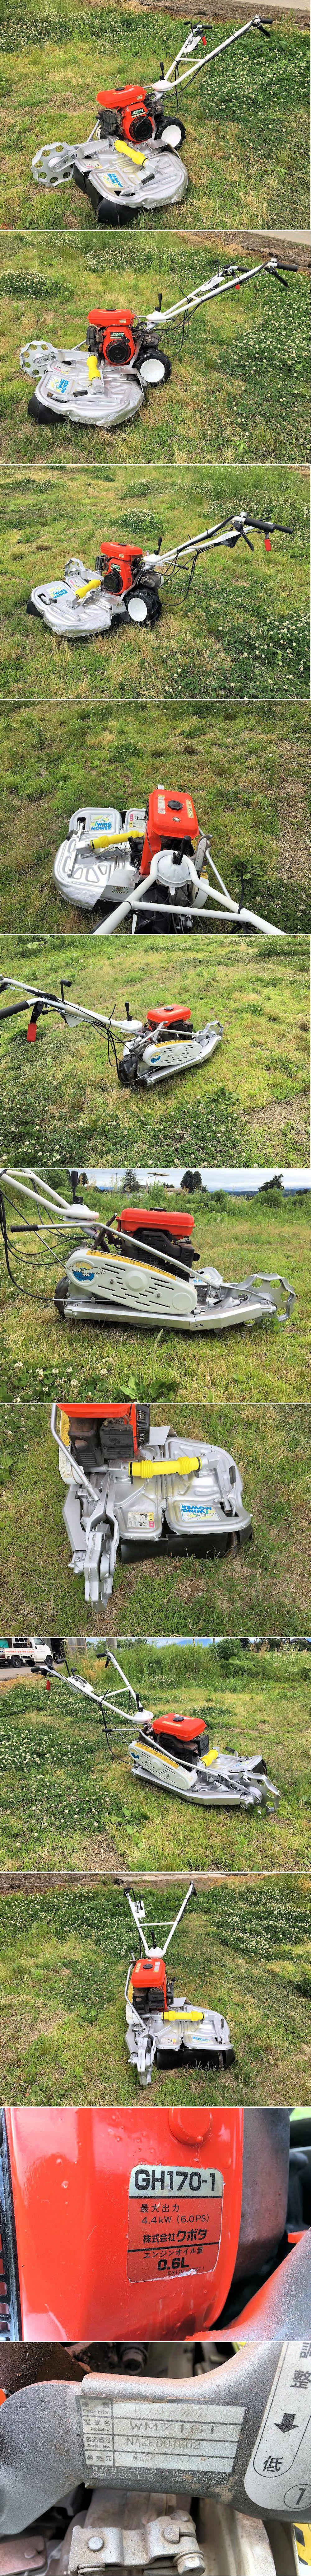 オーレック ウィングモア 二面畦 (あぜ) 草刈機 WM716T 整備中古 爪新品 ナイフネックガード新品付属